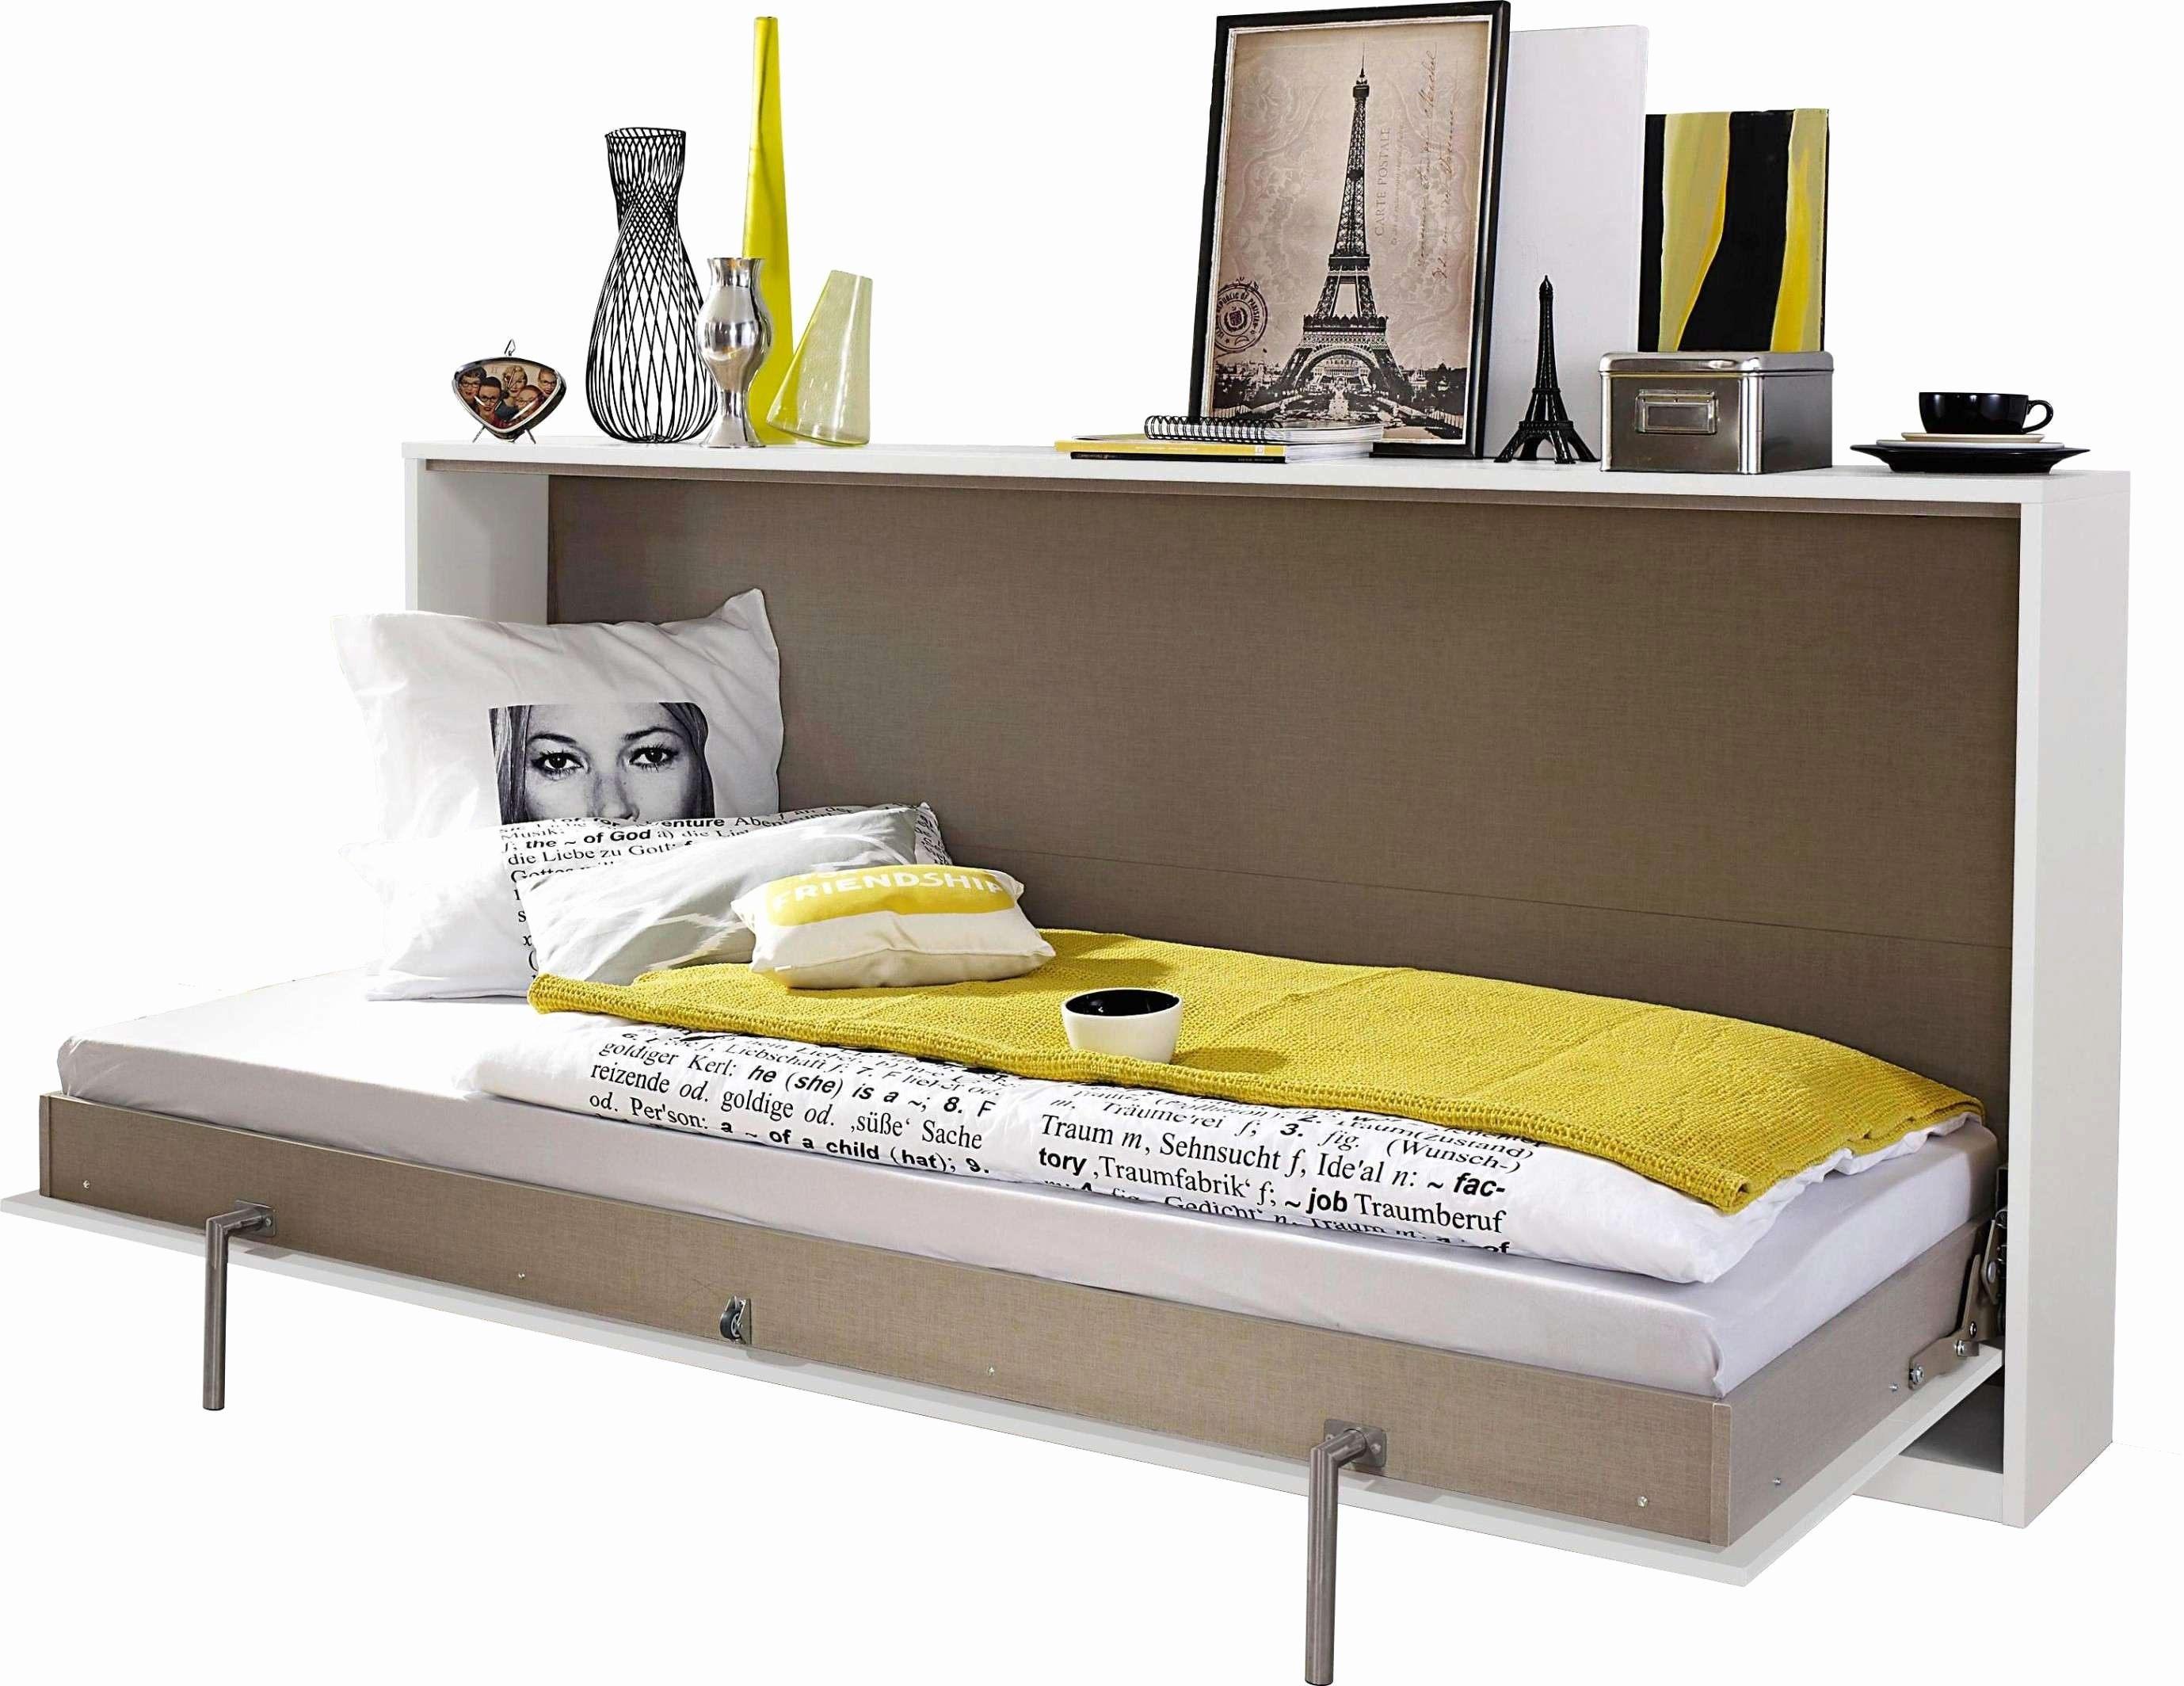 Couette Pour Lit 160×200 Ikea Génial Couette Pour Lit 160—200 Ikea élégant Tete De Lit Led L Gant 30 L